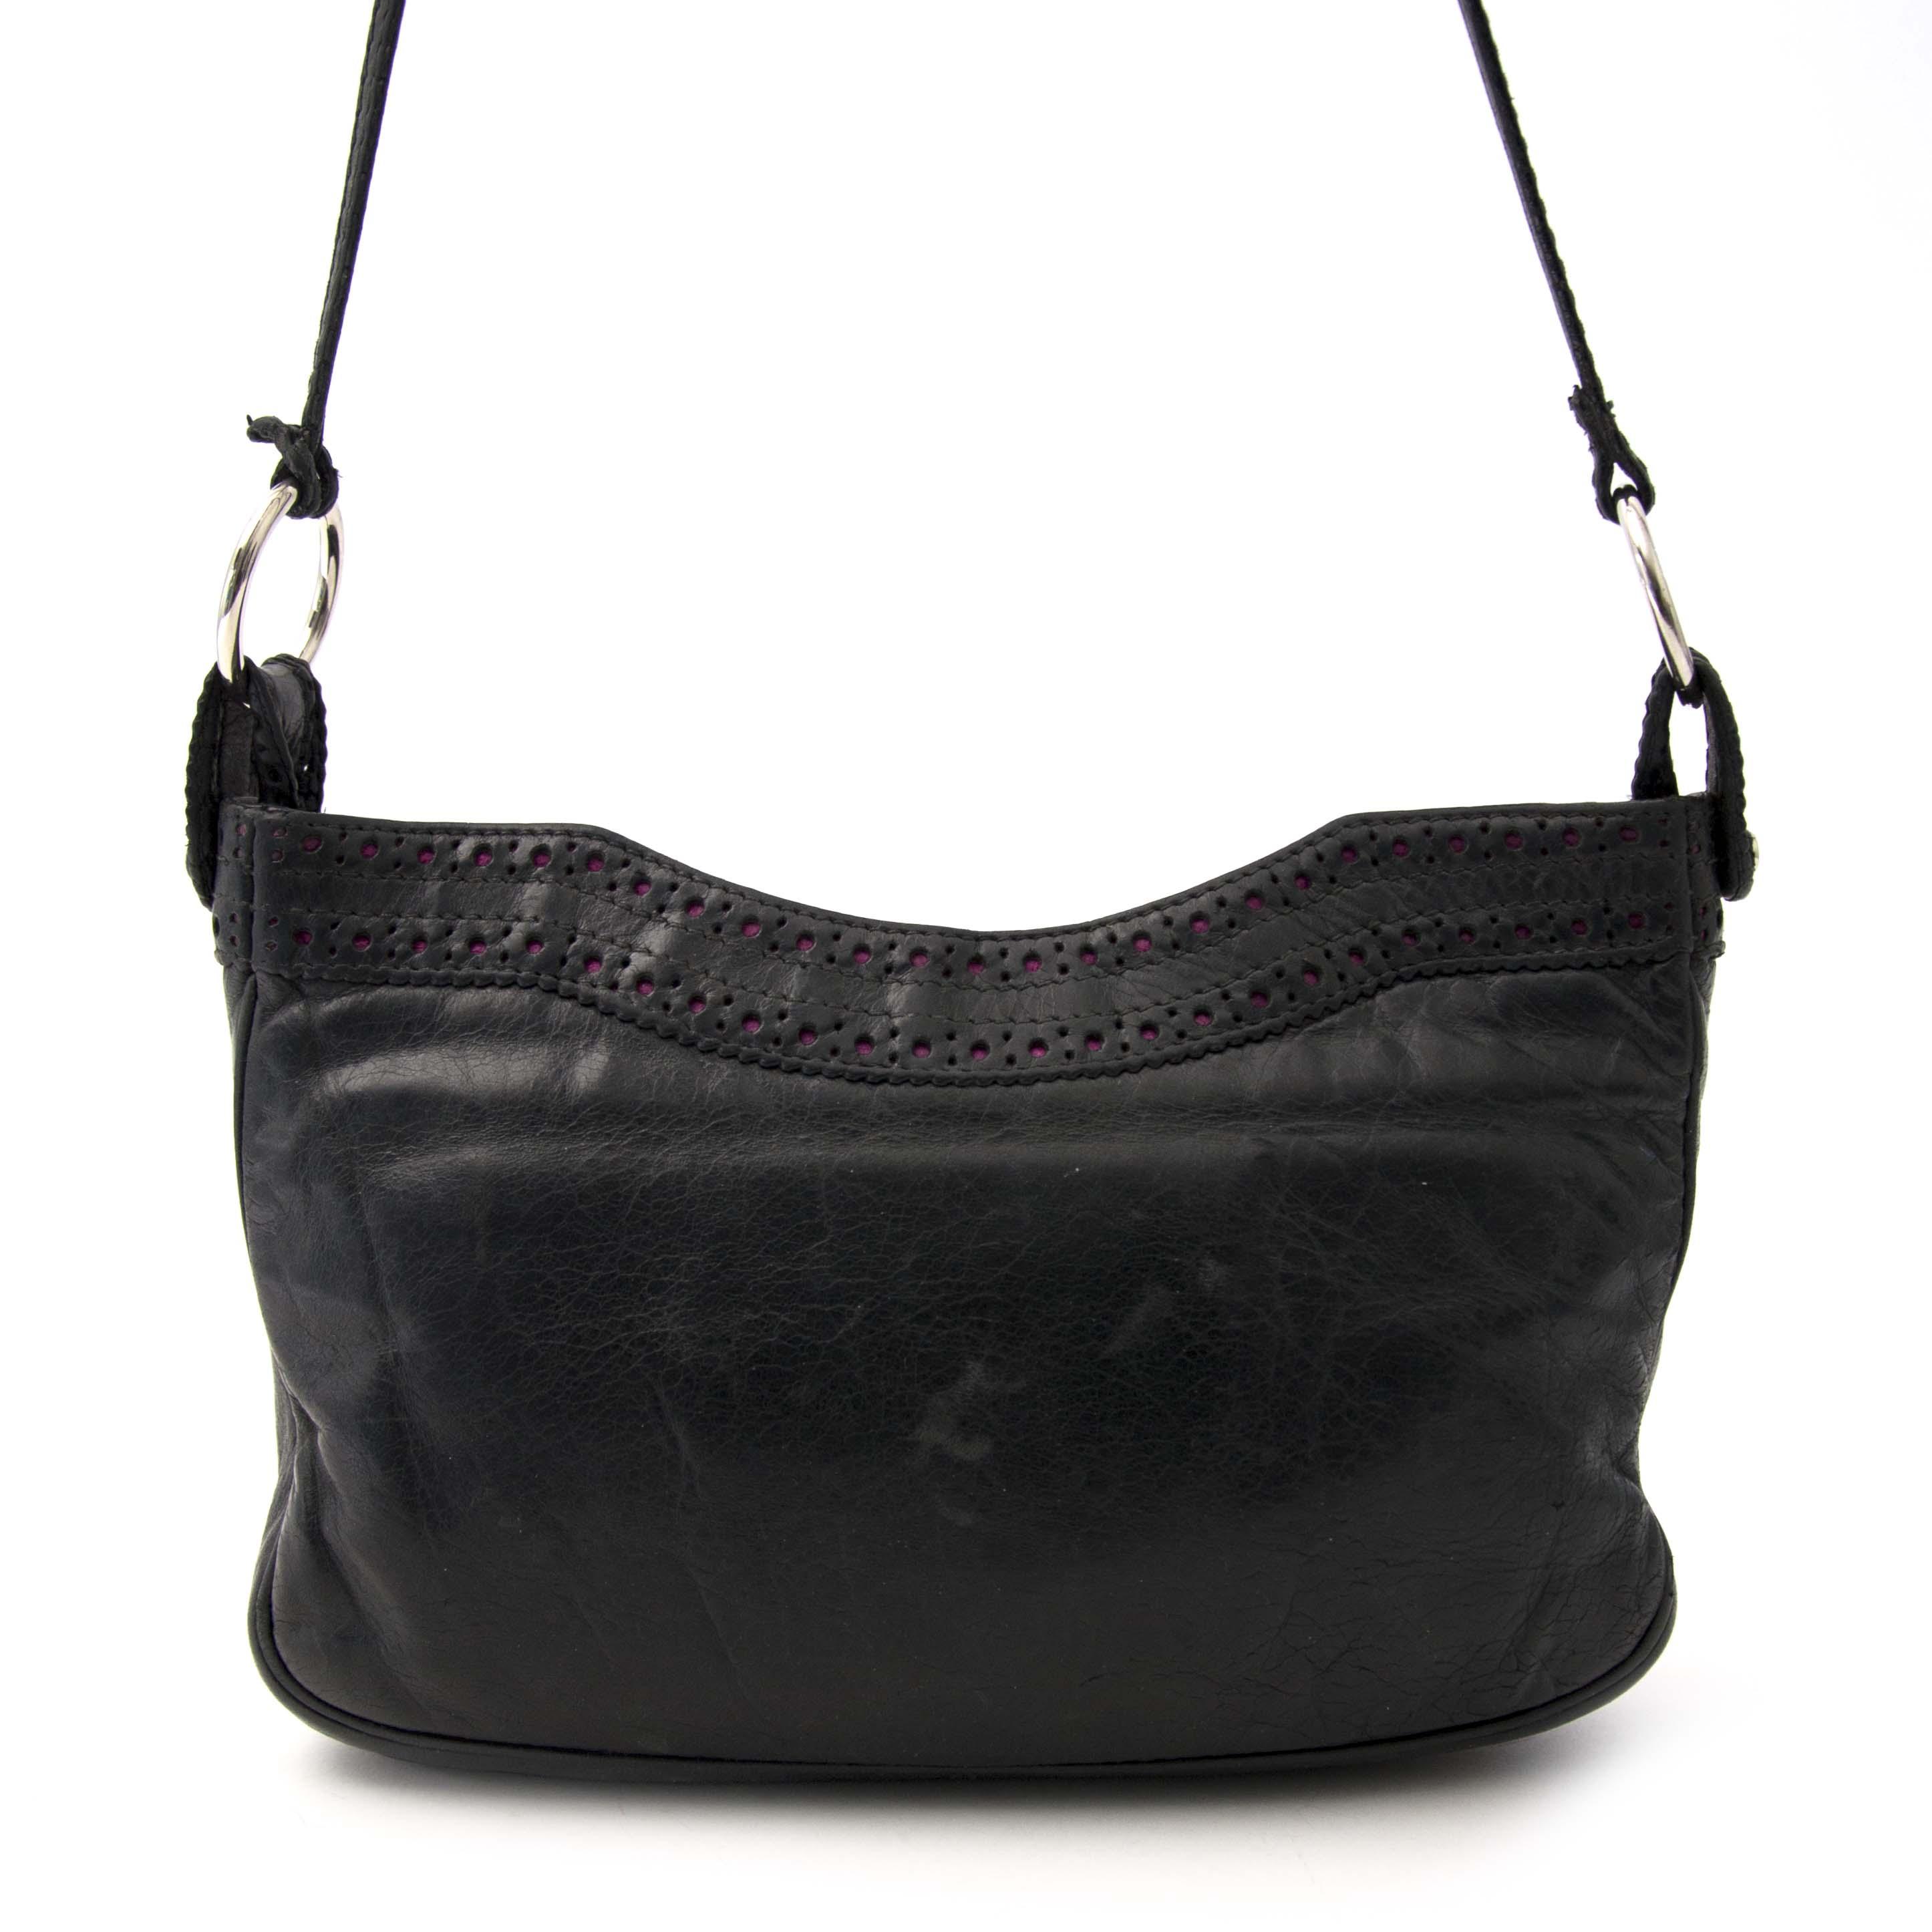 acheter en ligne chez labellov.com pour le meilleur prix balenciaga hip leather shoulder bag